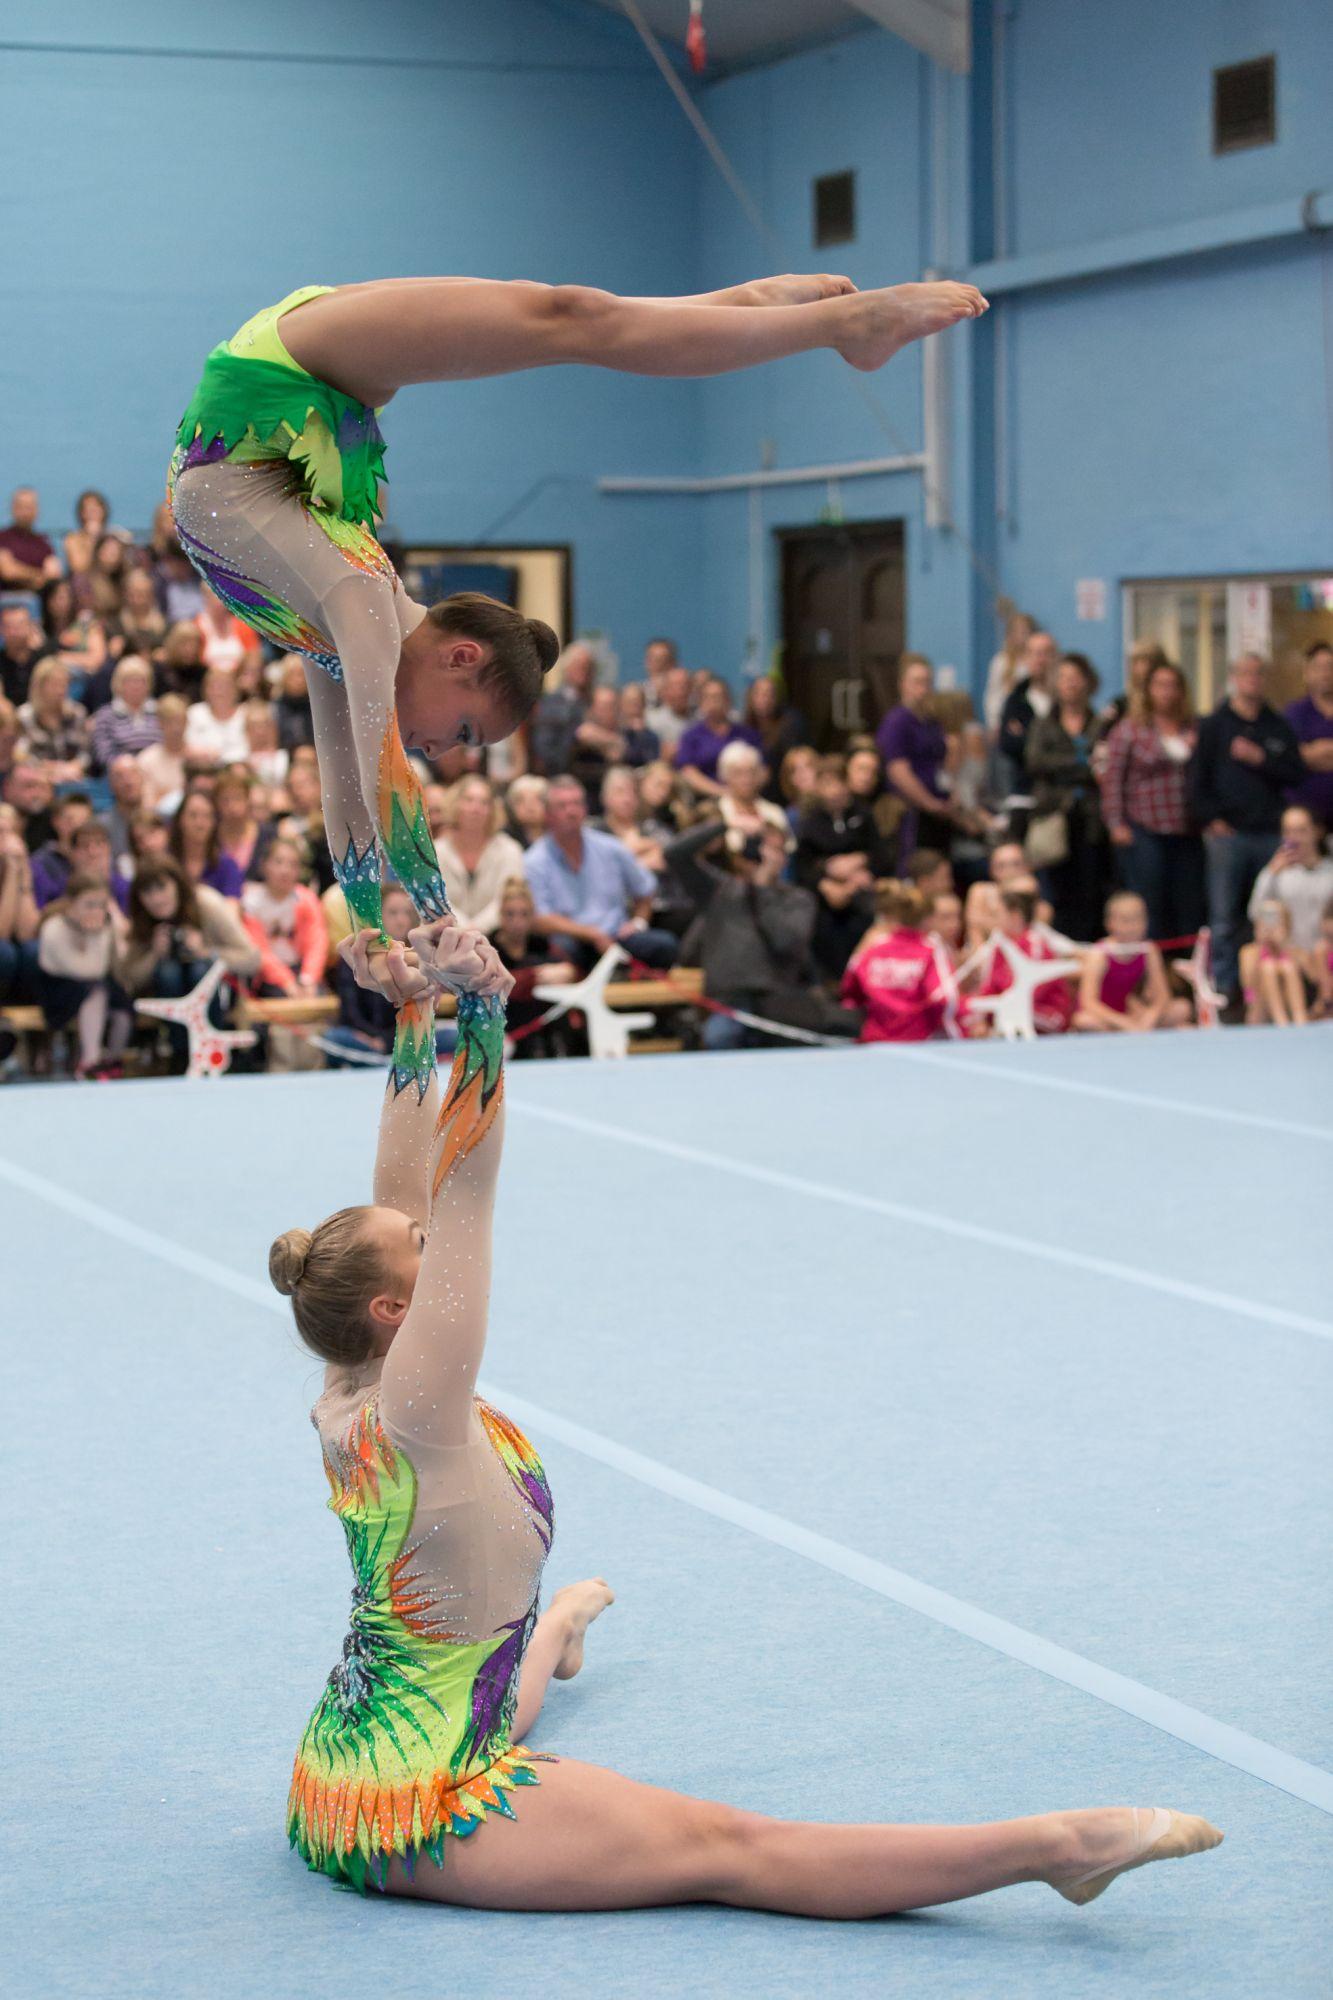 gymnastique en competition images et web